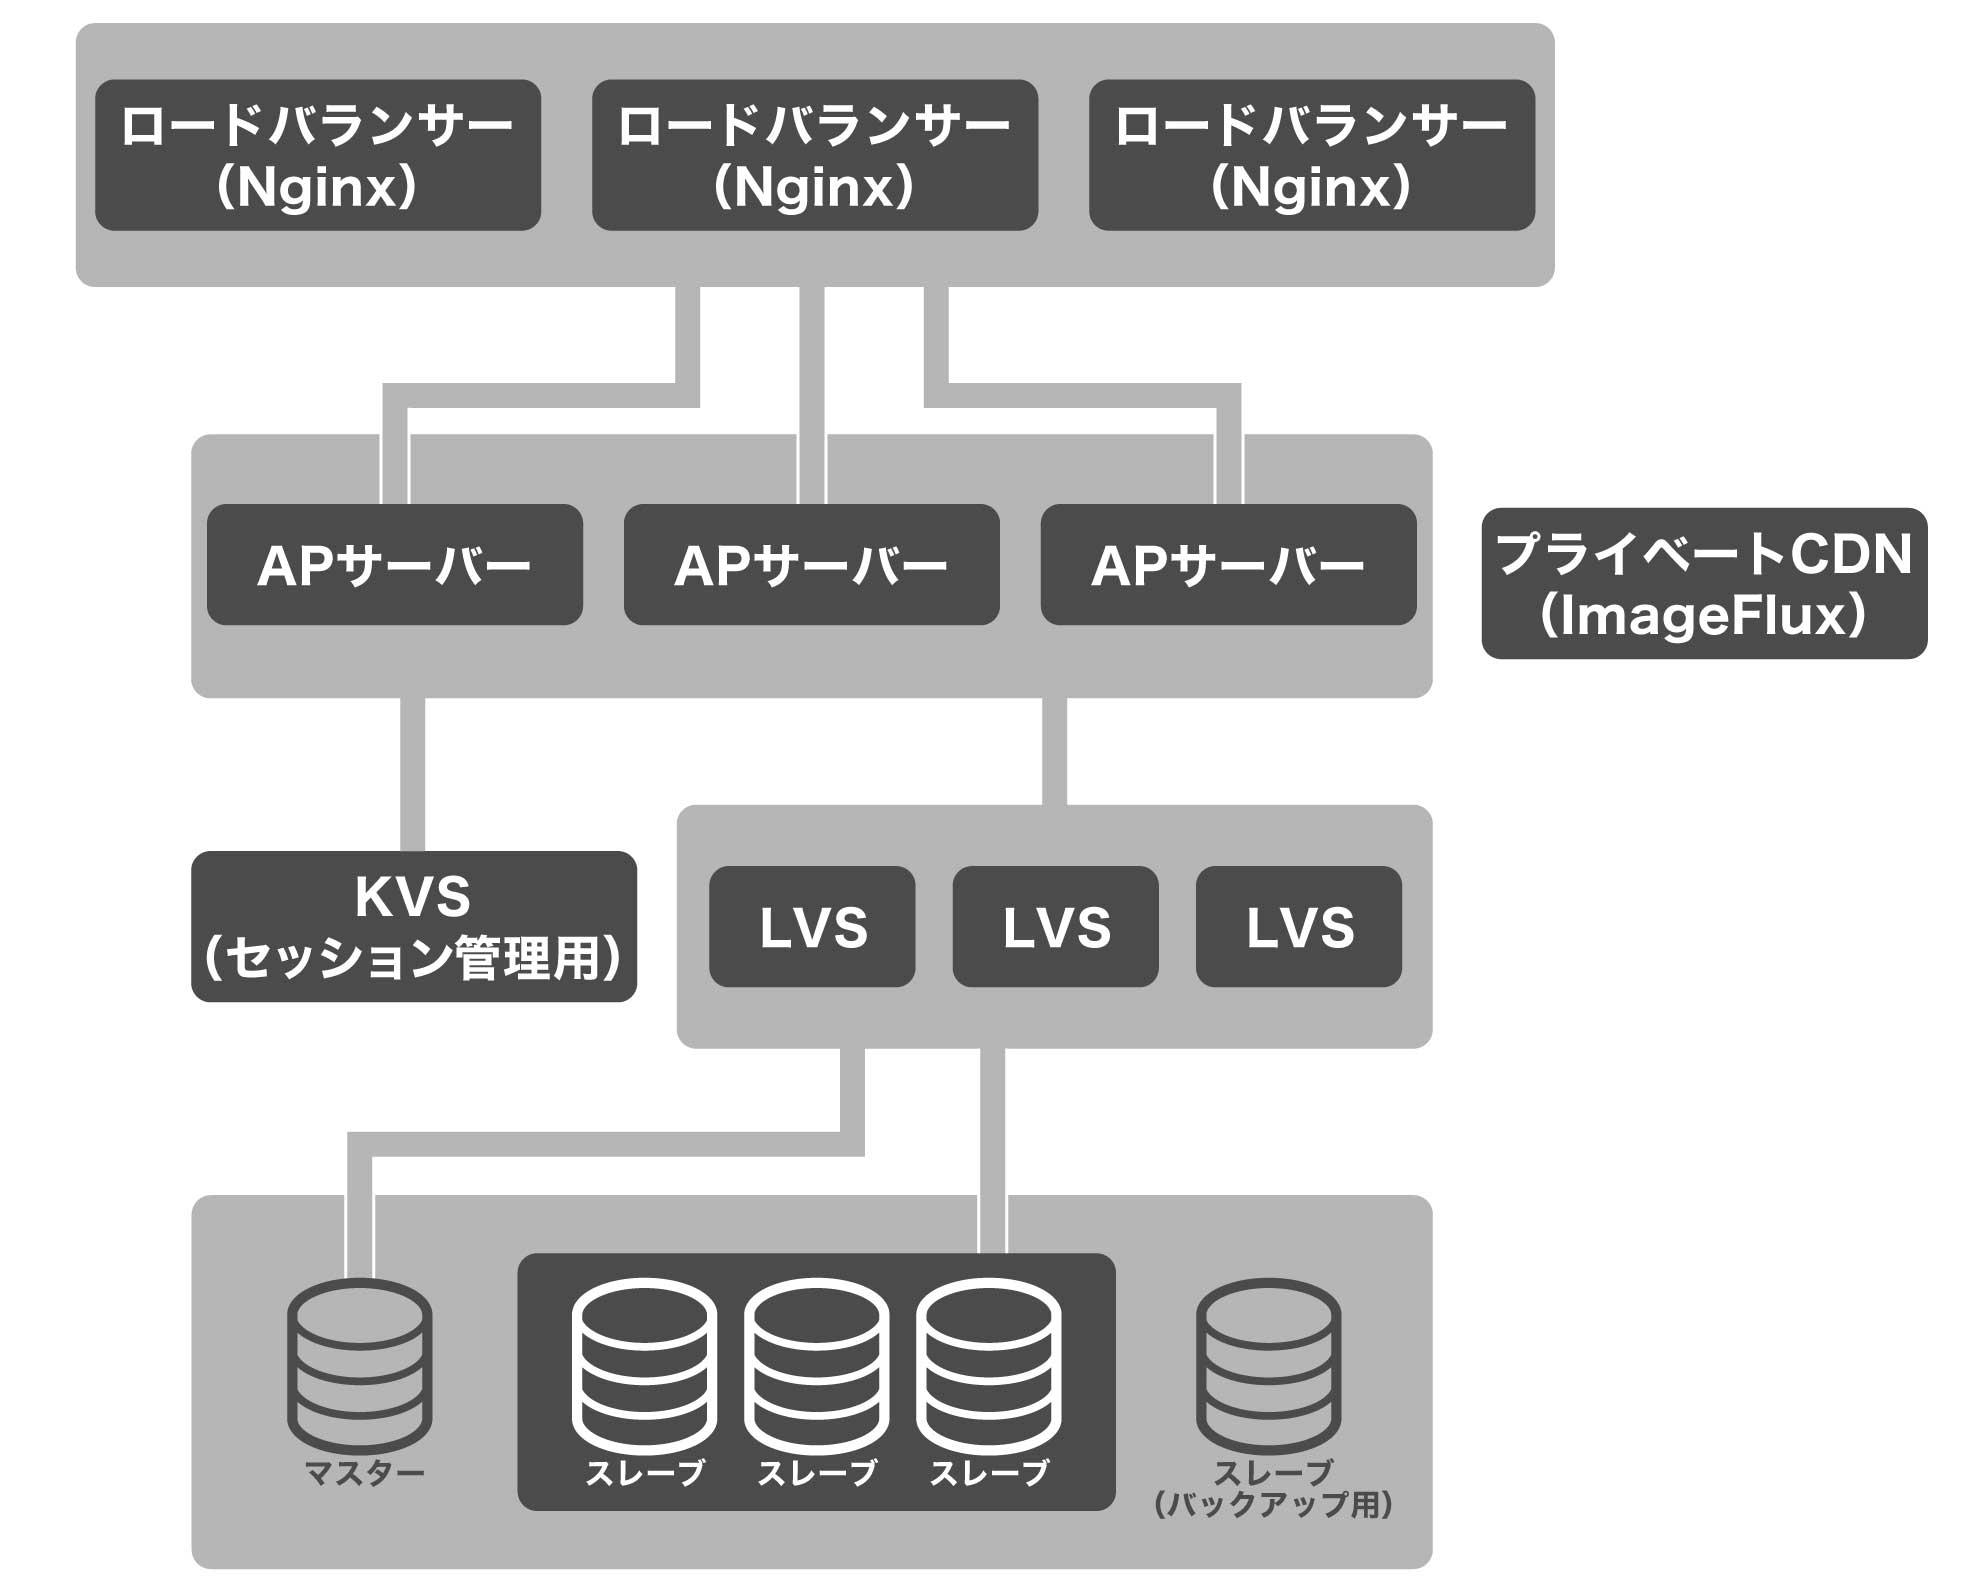 ピクシブのシステム構成